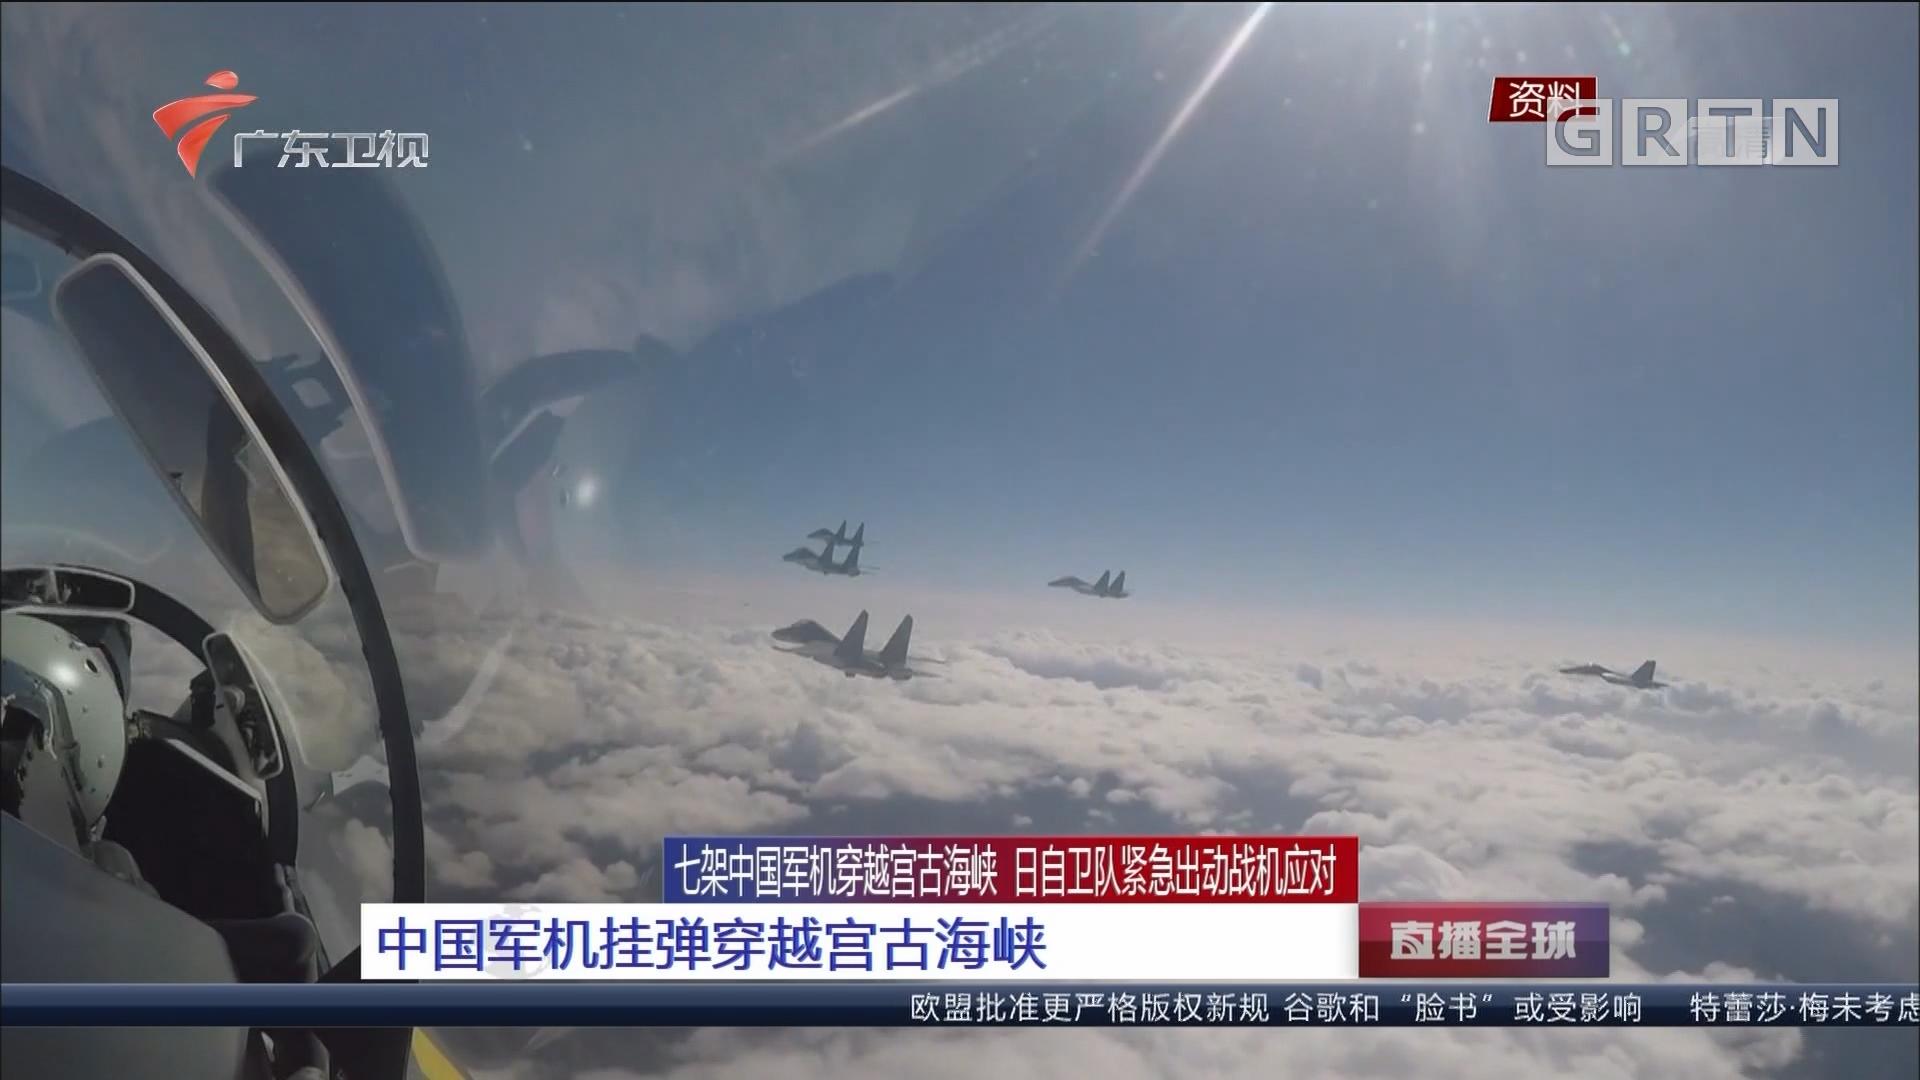 七驾中国军机穿越宫古海峡 日自卫队紧急出动战机应对:中国军机挂弹穿越宫古海峡